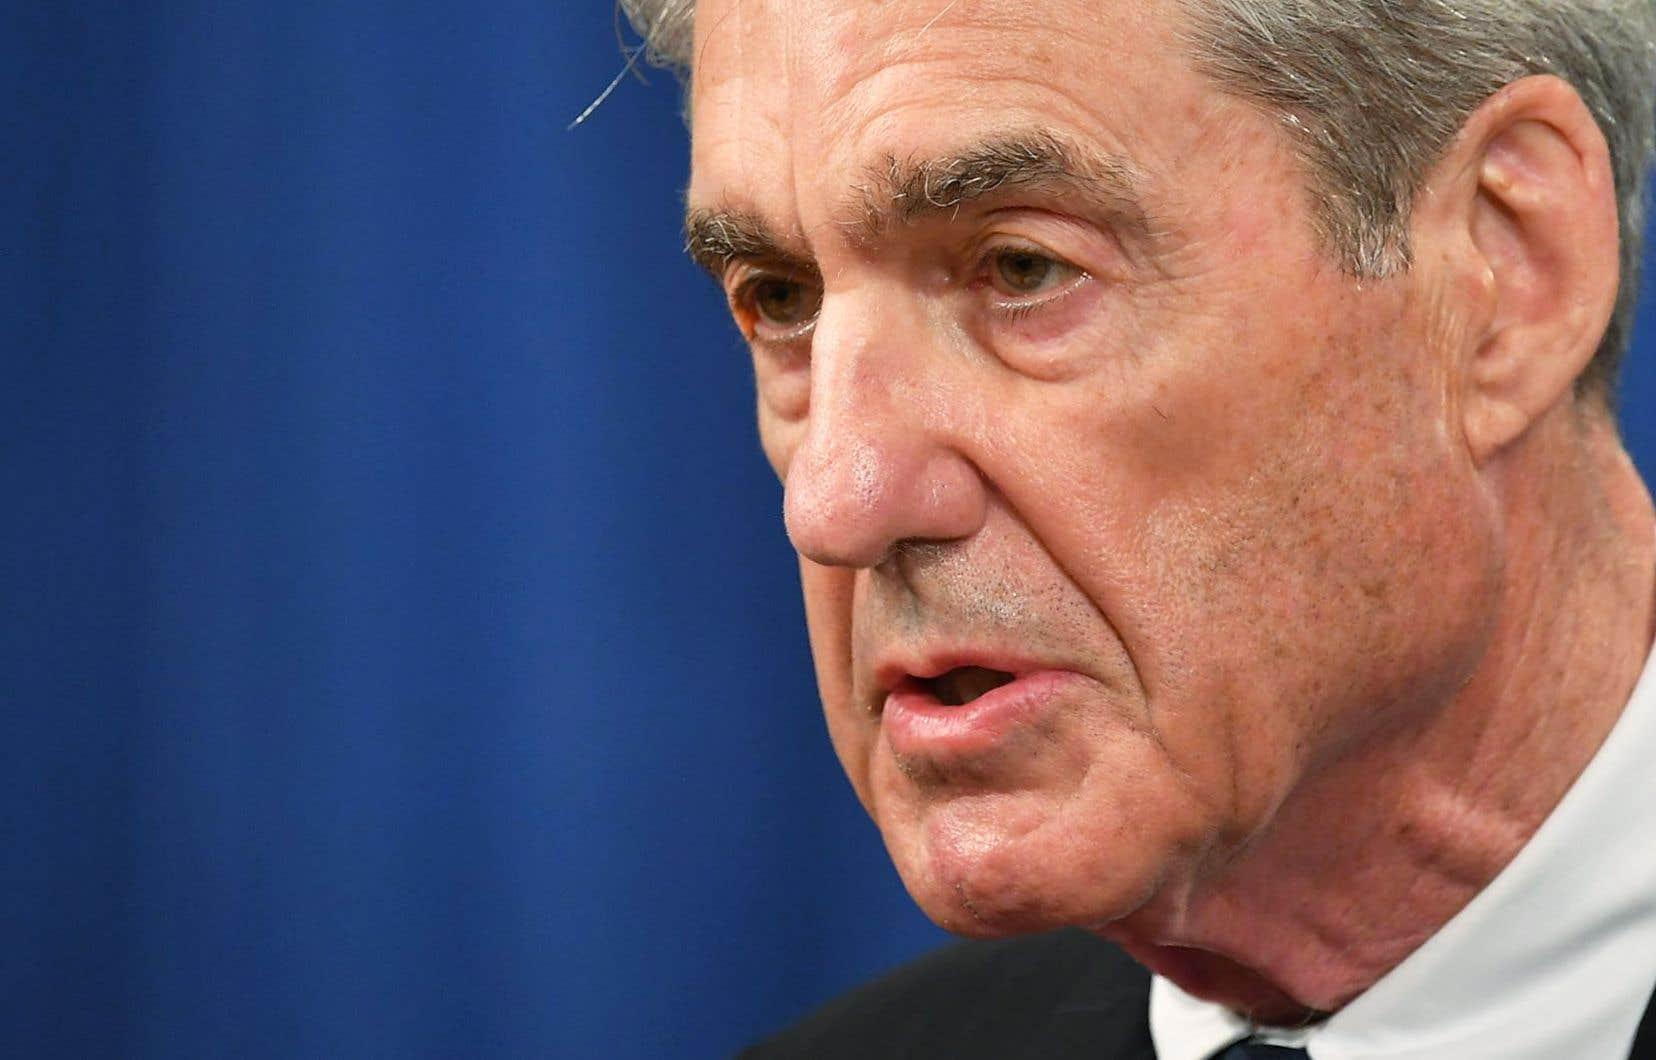 Le procureur spécial Robert Mueller a enquêté pendant 22 mois sur les liens entre Moscou et l'équipe de campagne de Donald Trump pendant la campagne présidentielle de 2016.